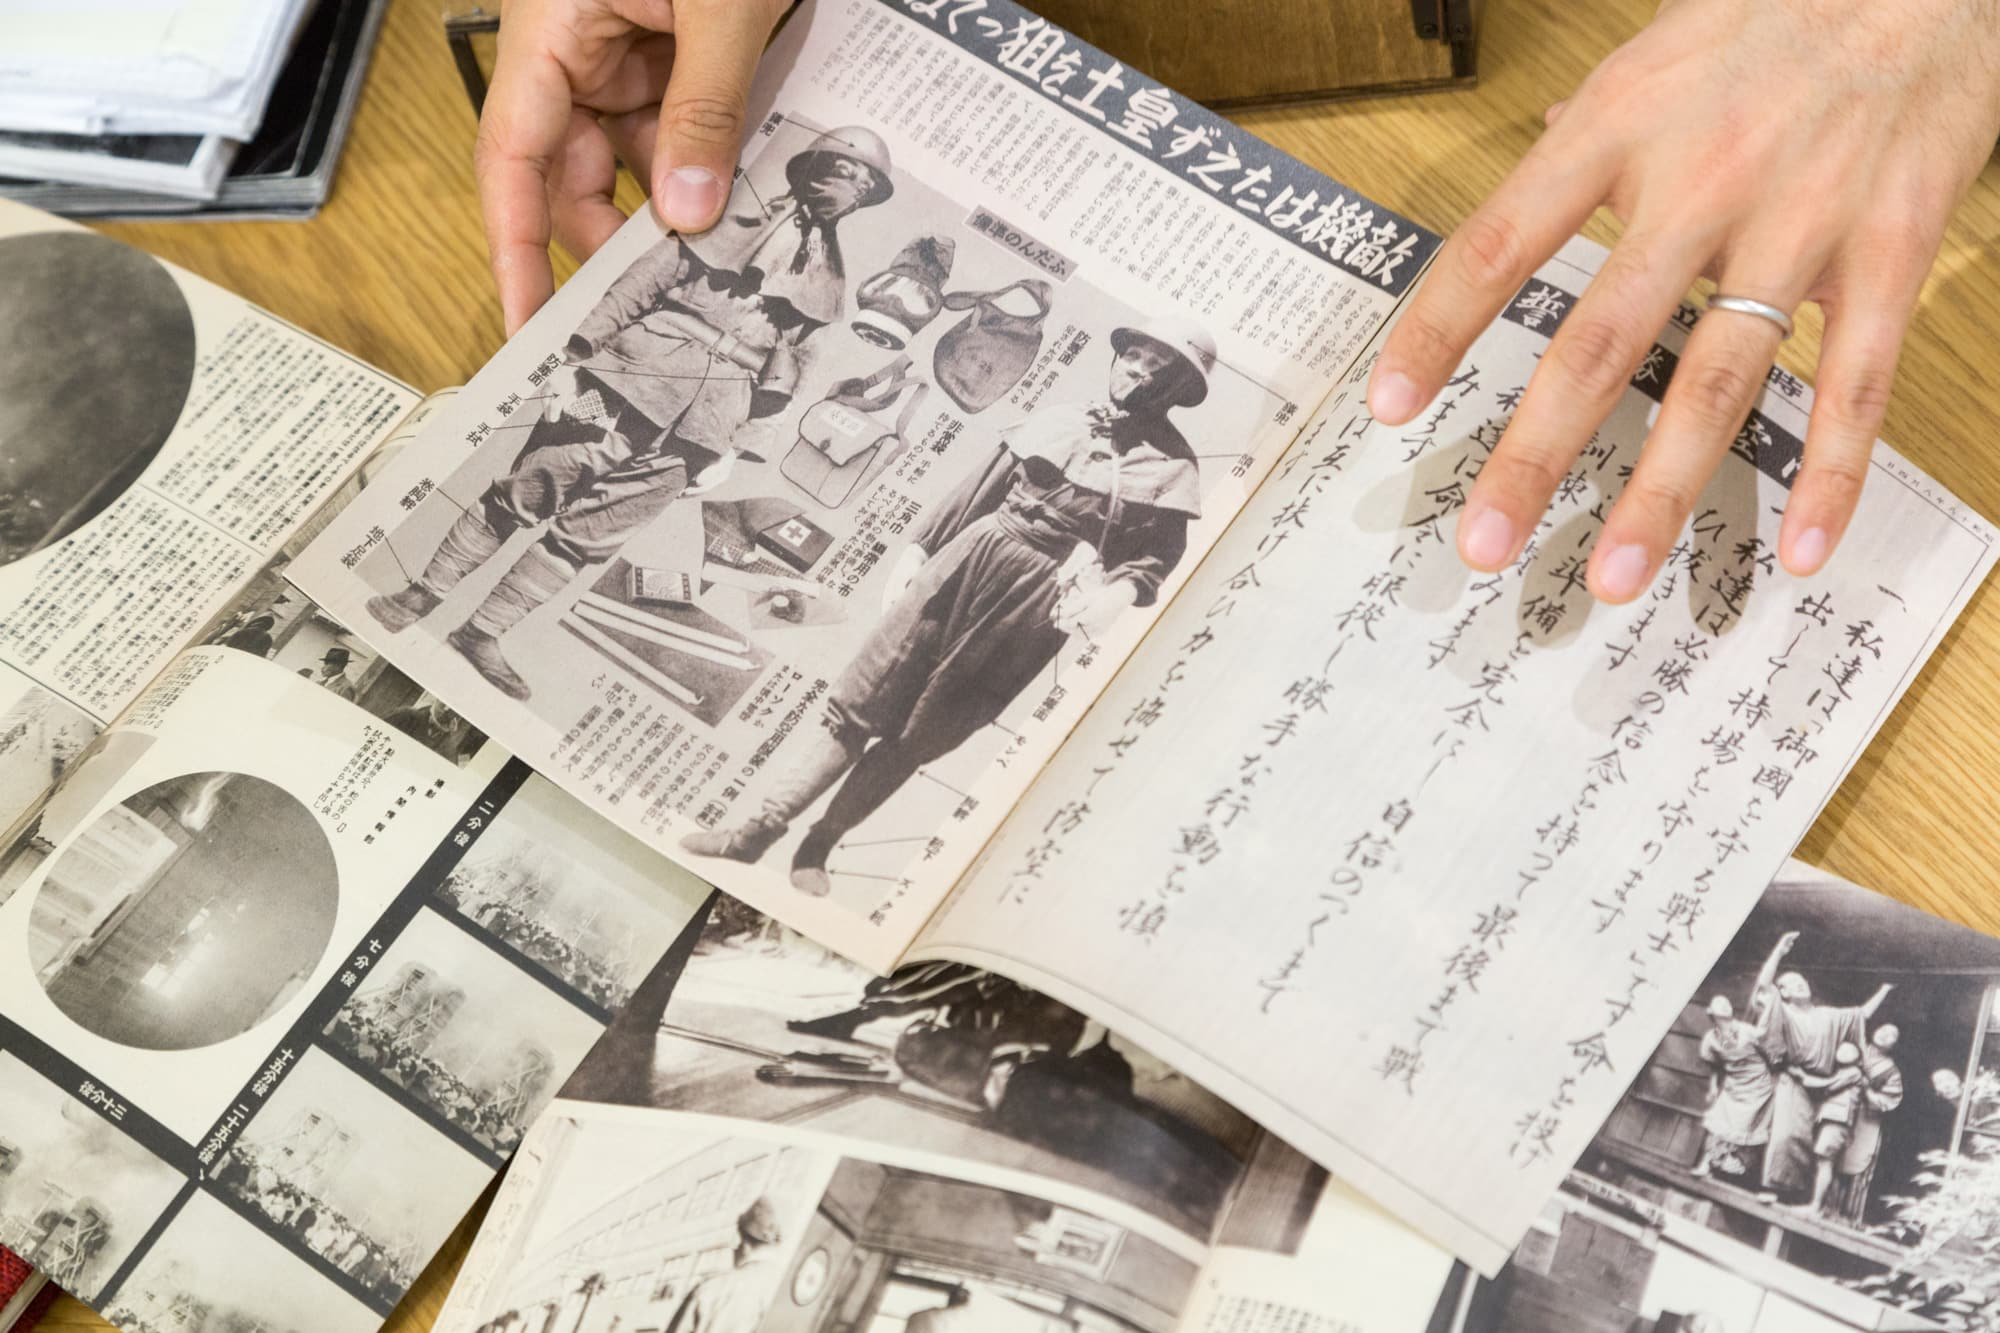 『Silent Histories』に挟み込まれている『写真週報』のレプリカの中ページ。